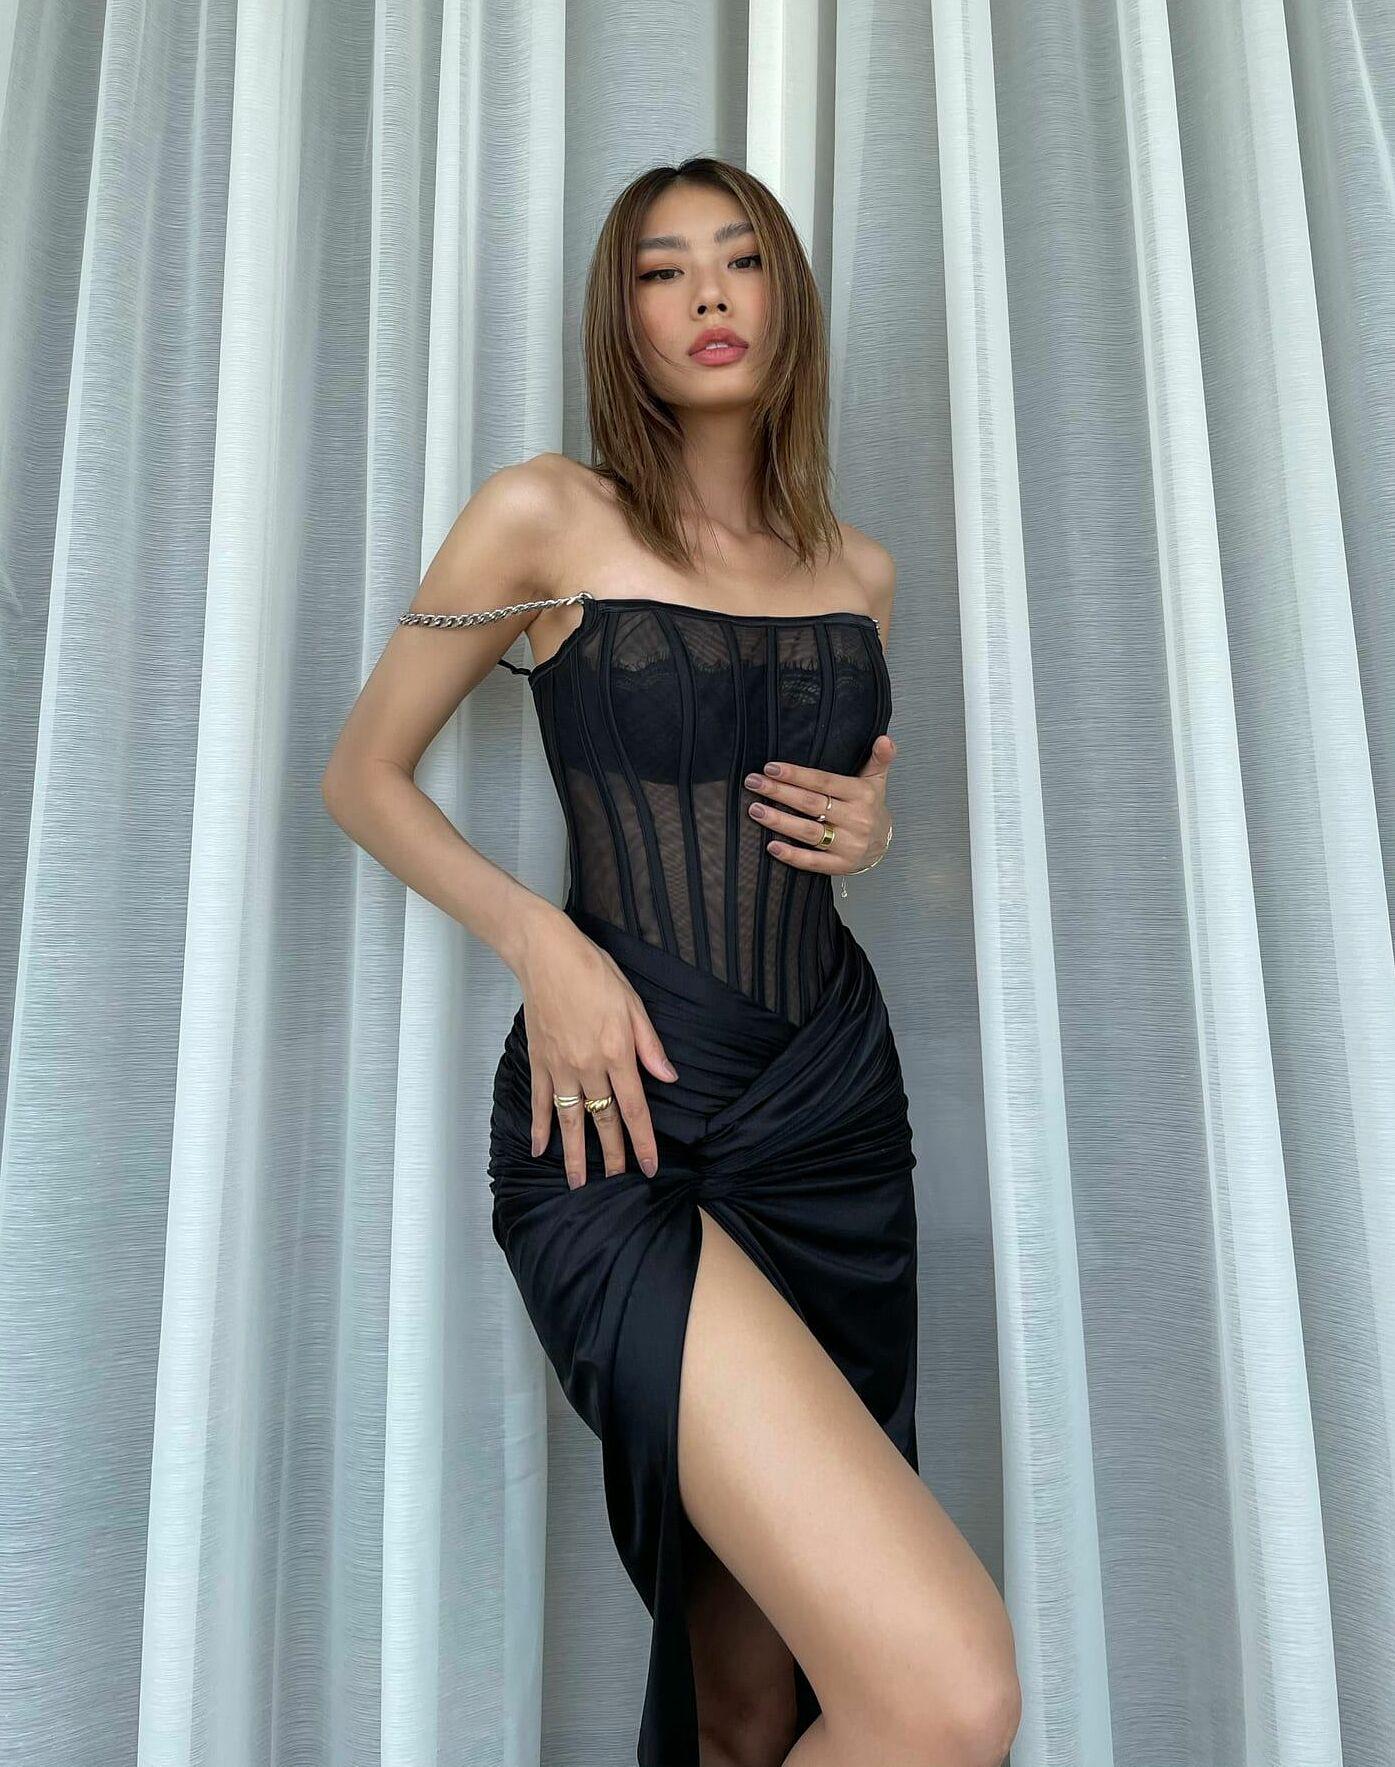 Thảo Nhi Lê bất ngờ có tên trong danh sách Top 100 gương mặt đẹp nhất thế giới do TC Candler bình chọn. Cô đứng thứ 81, là gương mặt nữ duy nhất của Việt Nam vào danh sách này.